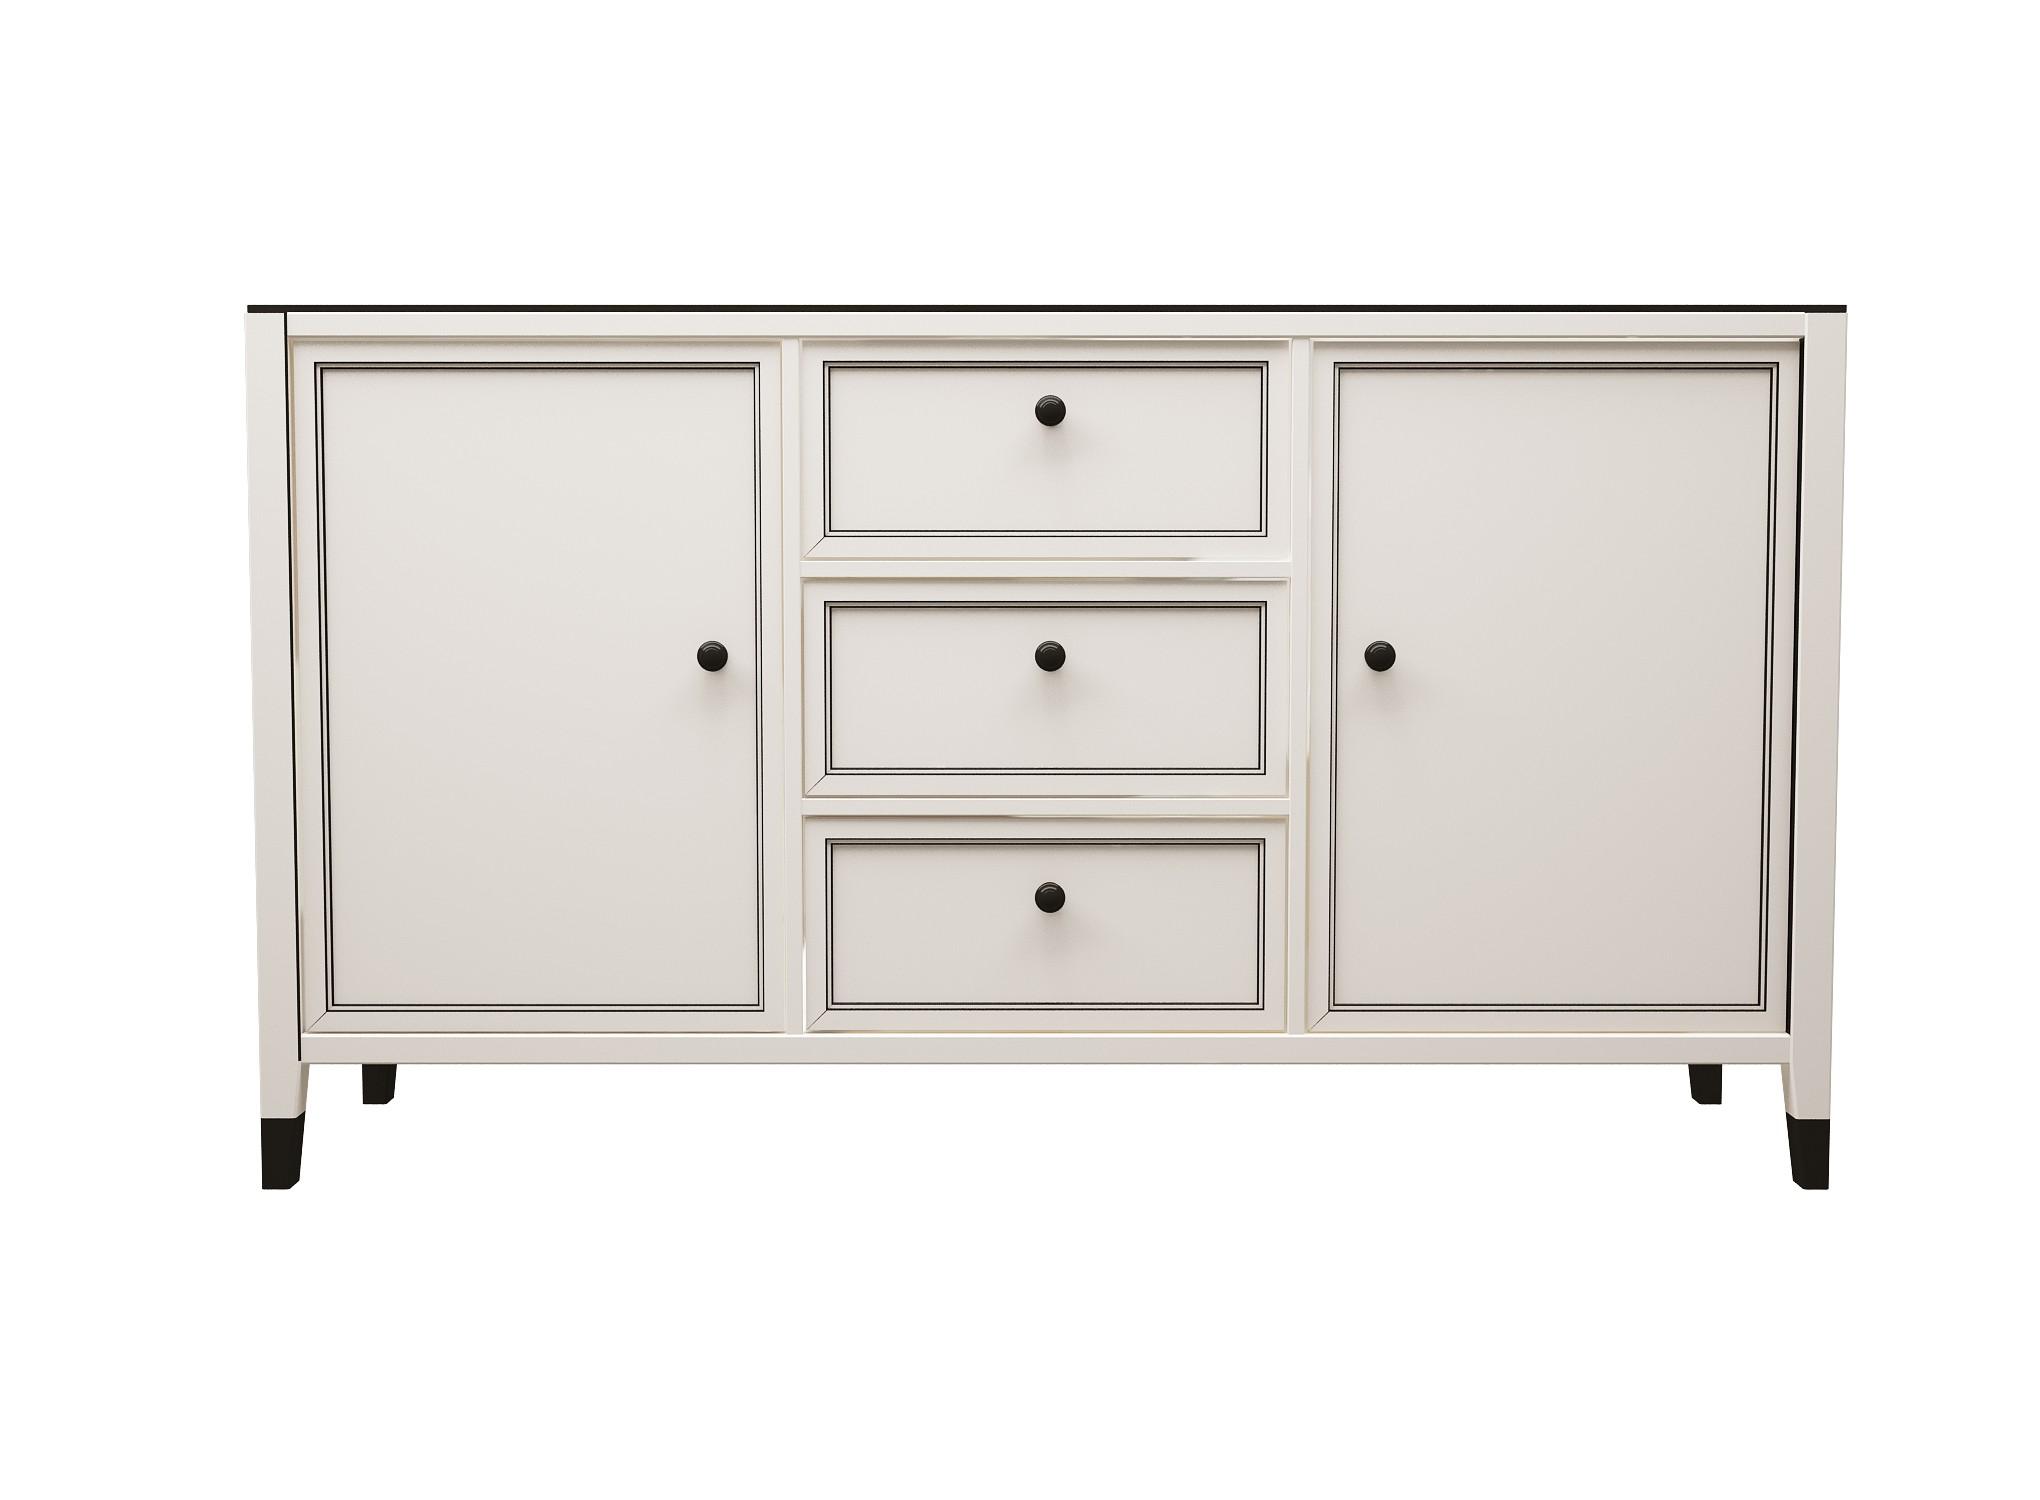 """Купить Комод """"vermont"""" (Myfurnish) белый мдф 150x90x40 см. 75171 в интернет магазине. Цены, фото, описания, характеристики, отзывы, обзоры"""